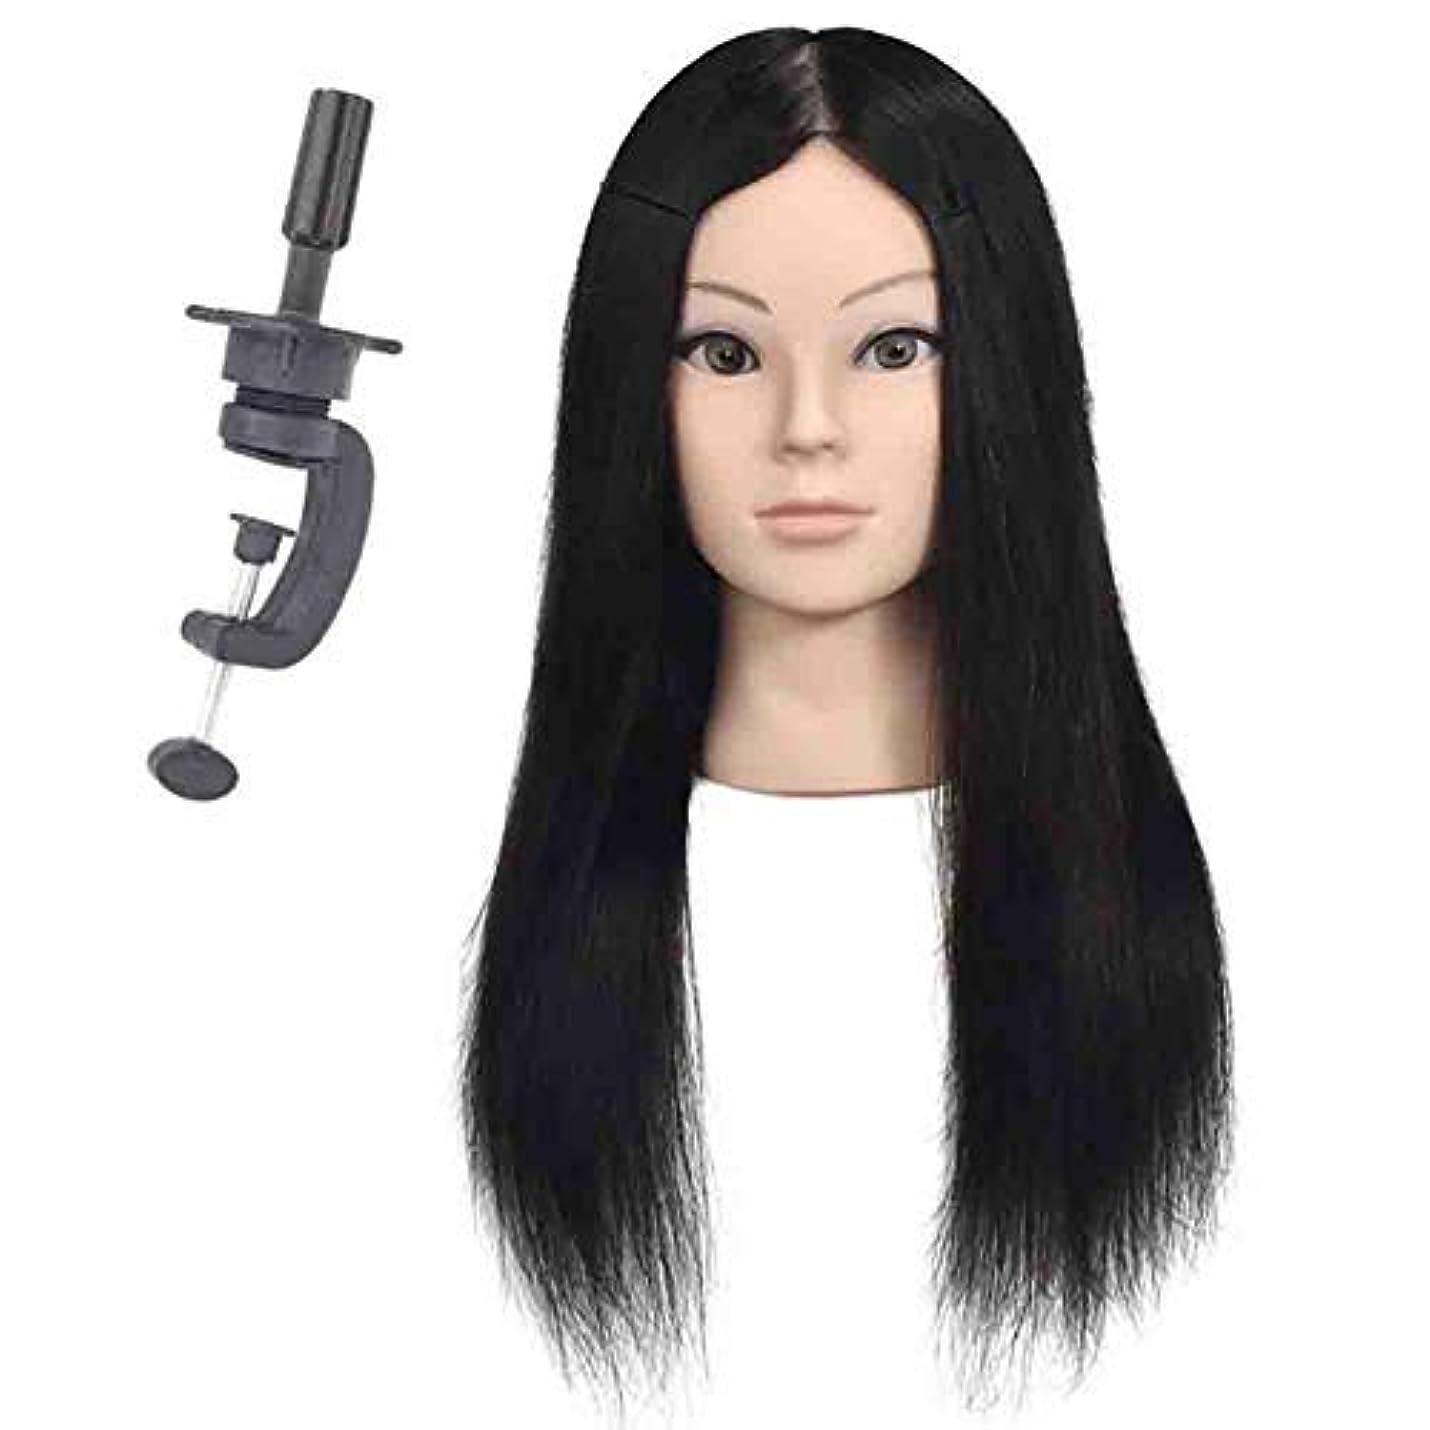 適格定期的な意味するリアルヘアスタイリングマネキンヘッド女性ヘッドモデル教育ヘッド理髪店編組ヘア染色学習ダミーヘッド